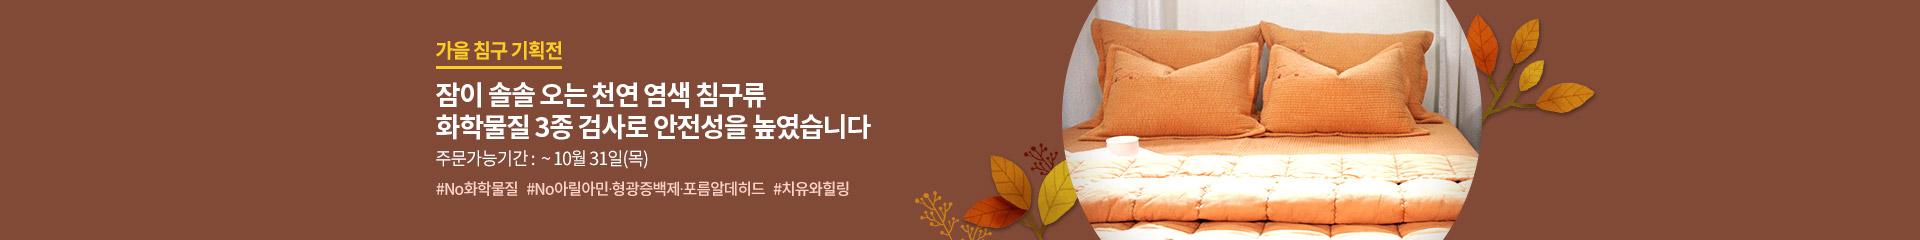 가을침구류 기획공급